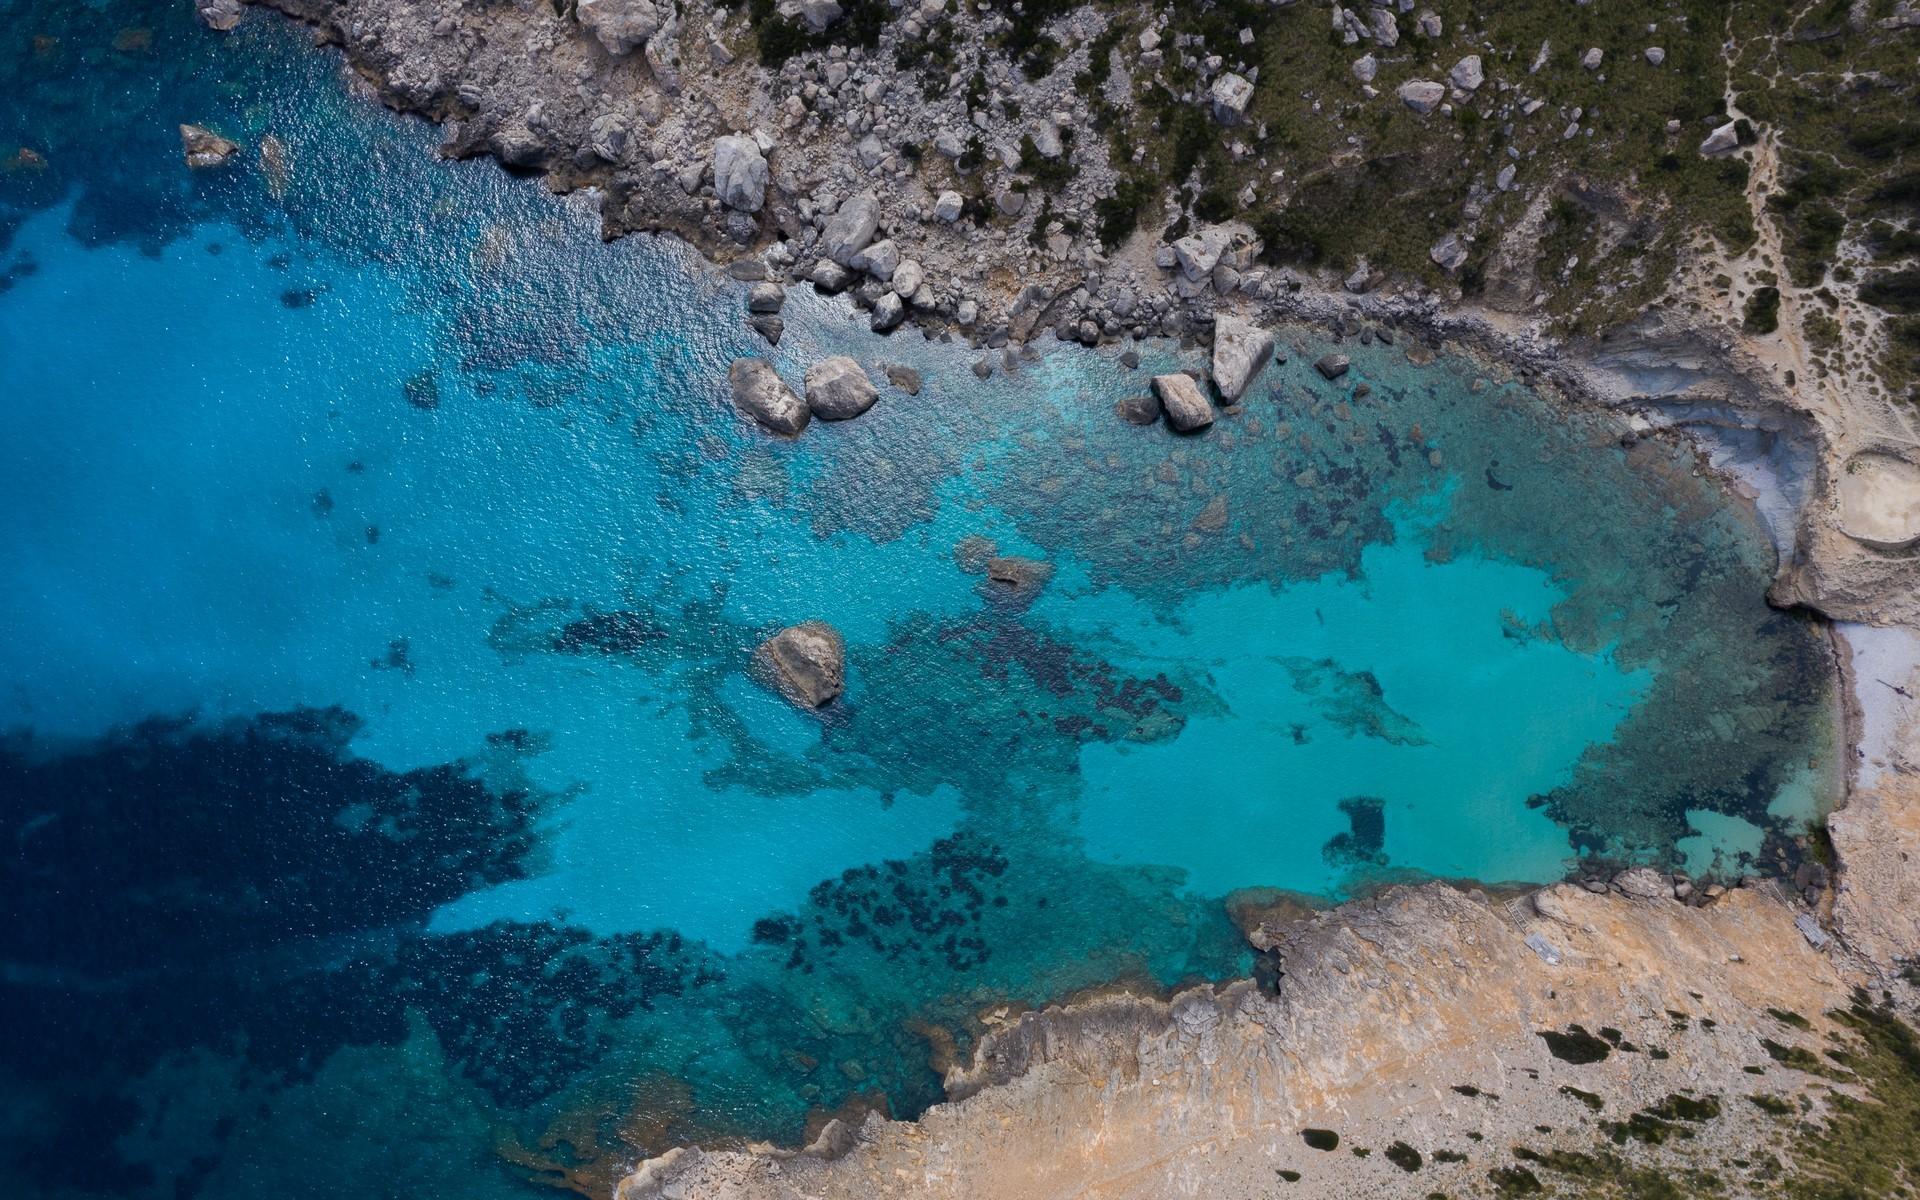 Krystaliczna woda na Majorce z drona.